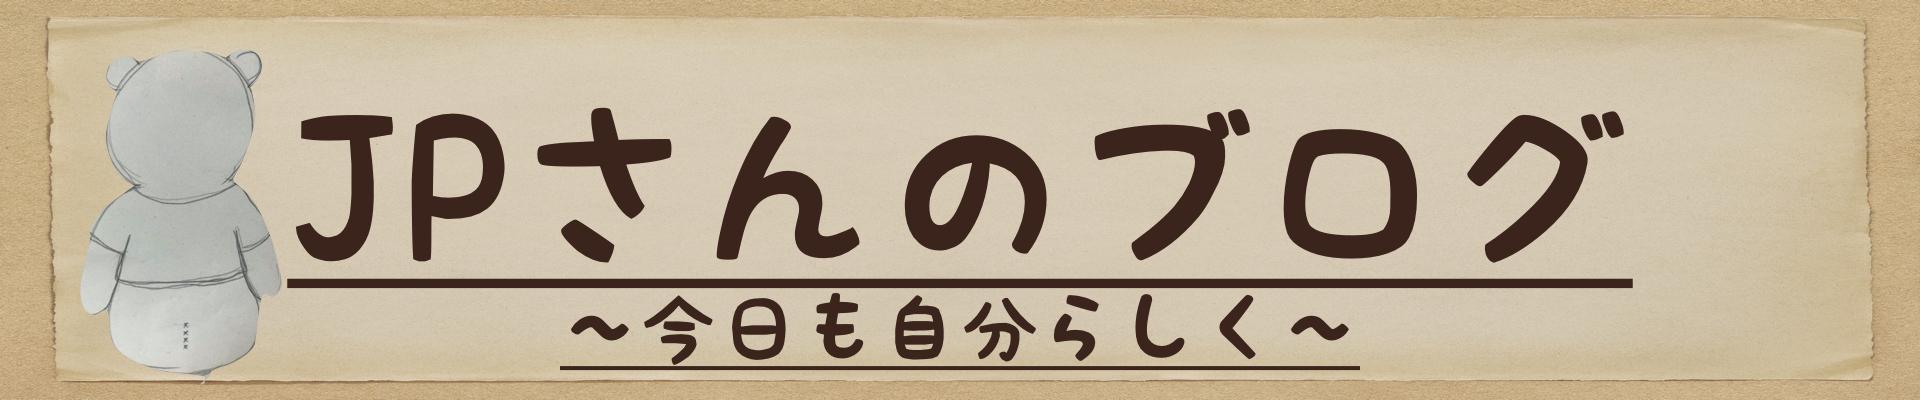 JPさんのブログ 世界一周×キャンプ×山